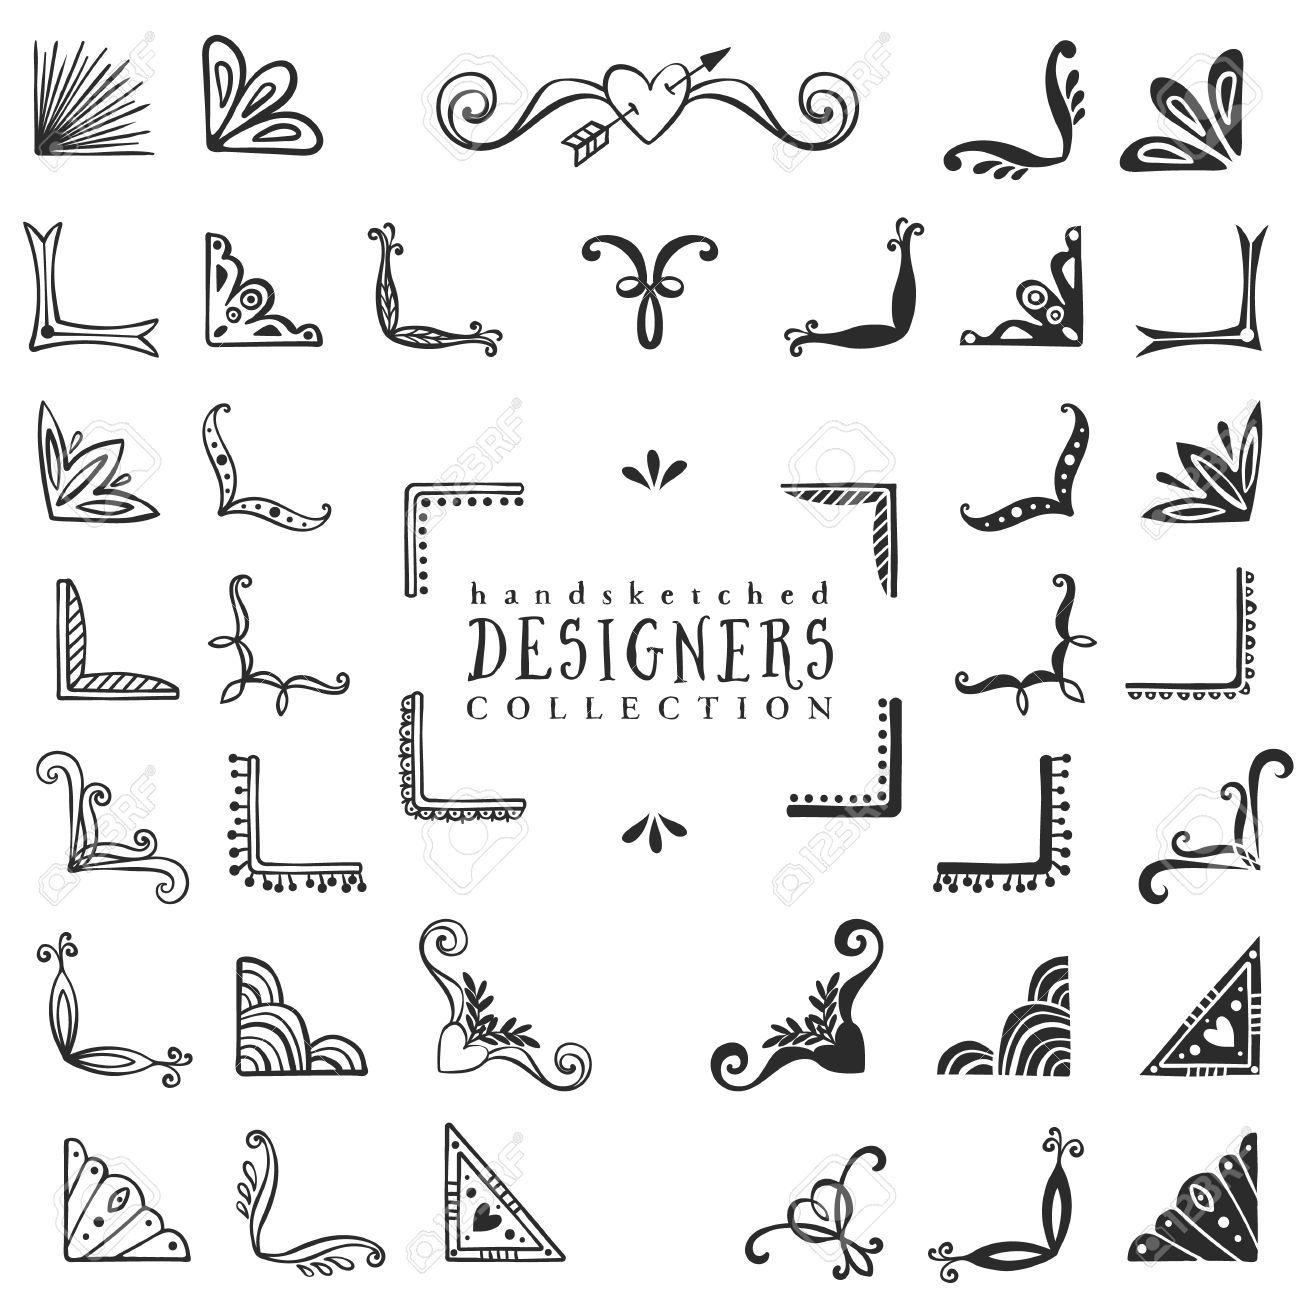 kalender ideen gestaltung kalender gestalten. Black Bedroom Furniture Sets. Home Design Ideas